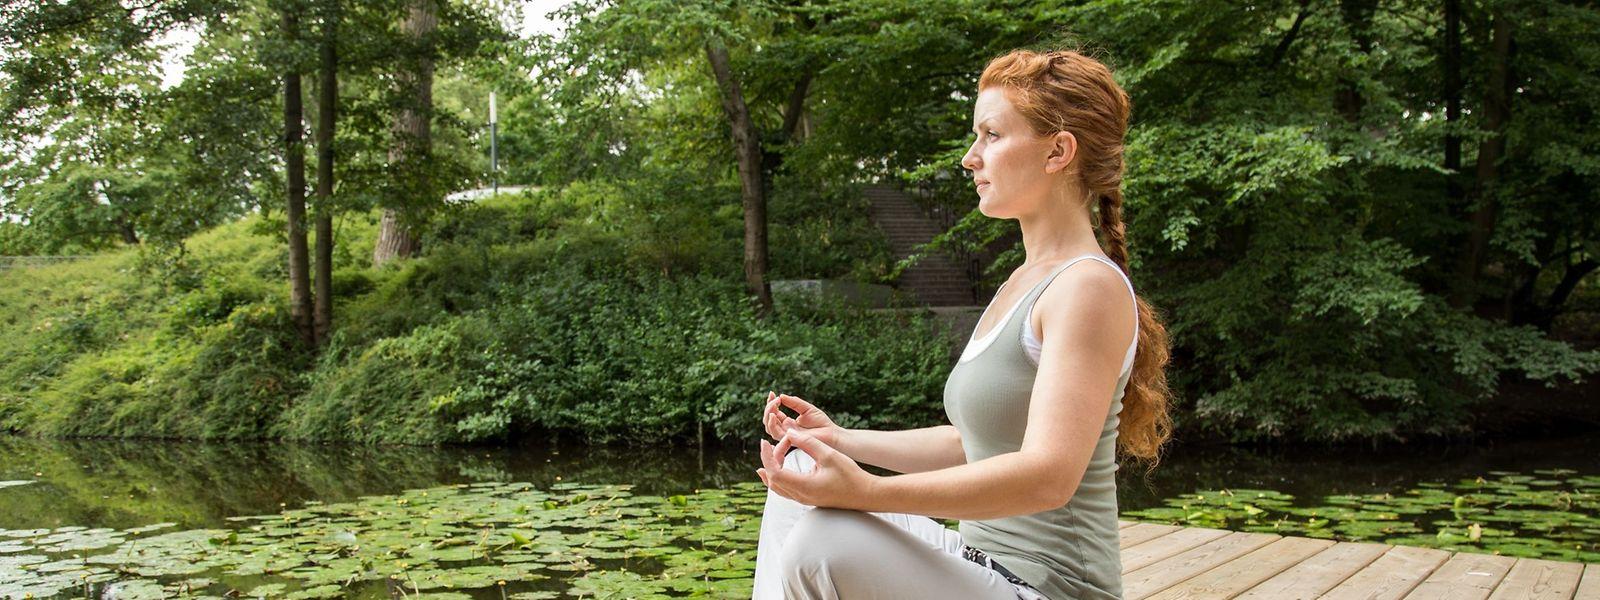 Ganz ohne Zusatzstoffe: Meditation ist ein möglicher Weg zu mehr Konzentration - will aber gelernt sein.